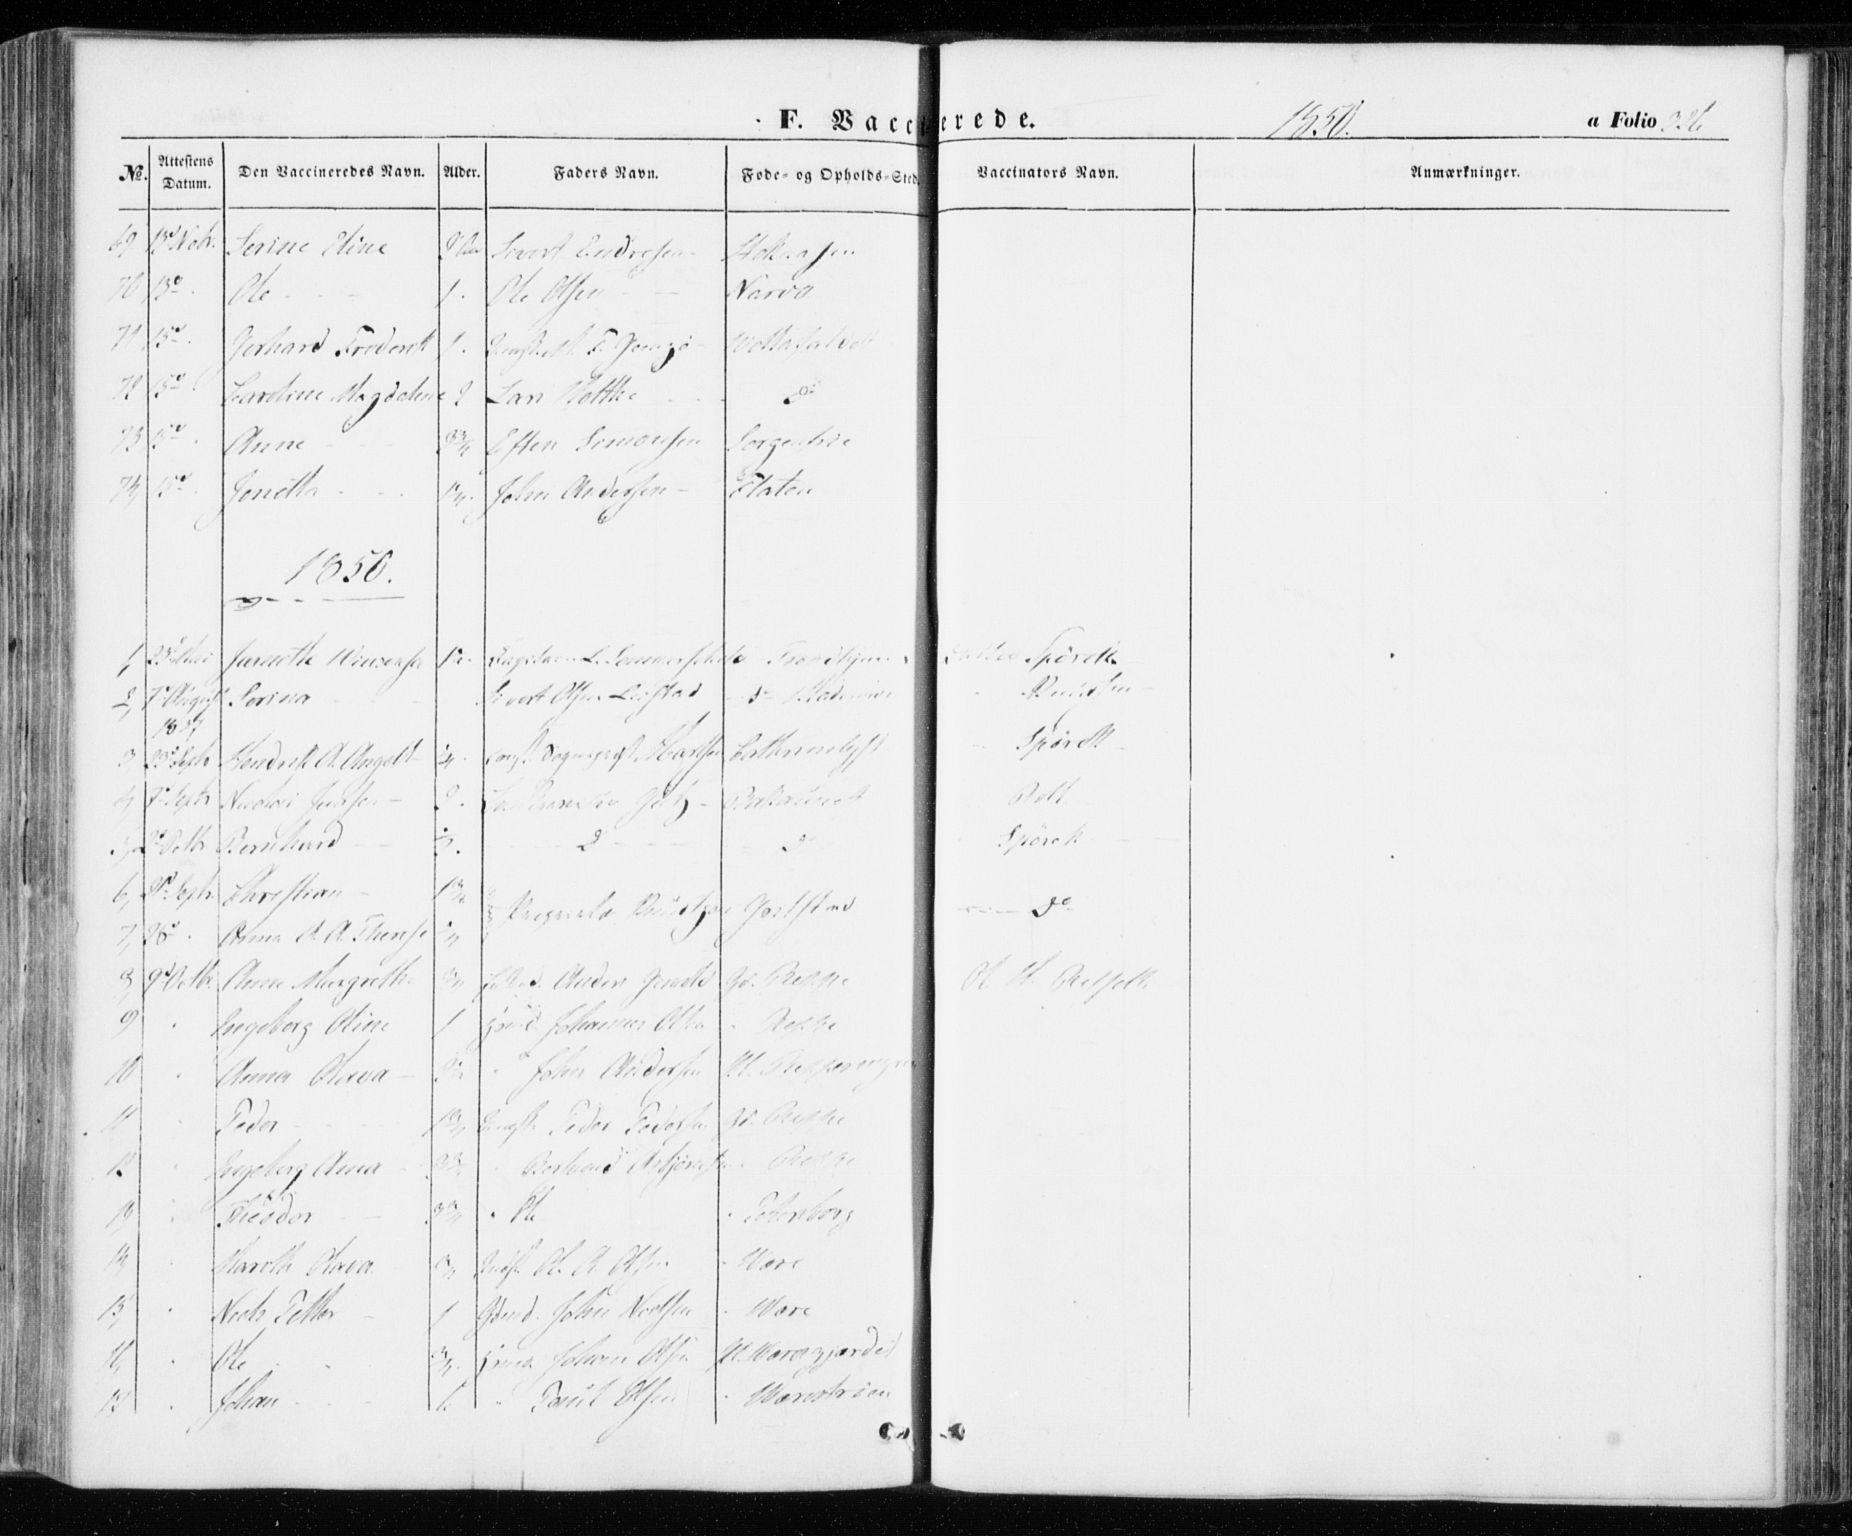 SAT, Ministerialprotokoller, klokkerbøker og fødselsregistre - Sør-Trøndelag, 606/L0291: Ministerialbok nr. 606A06, 1848-1856, s. 326